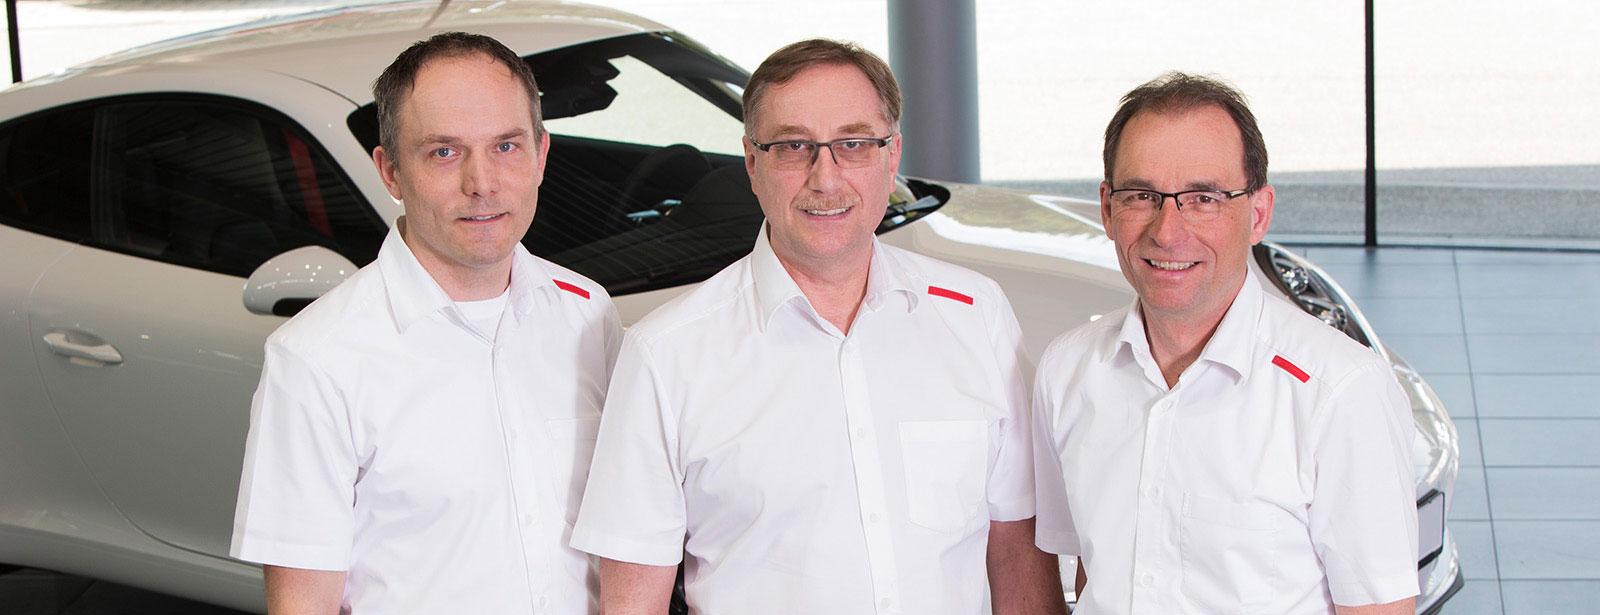 Unser Service Team